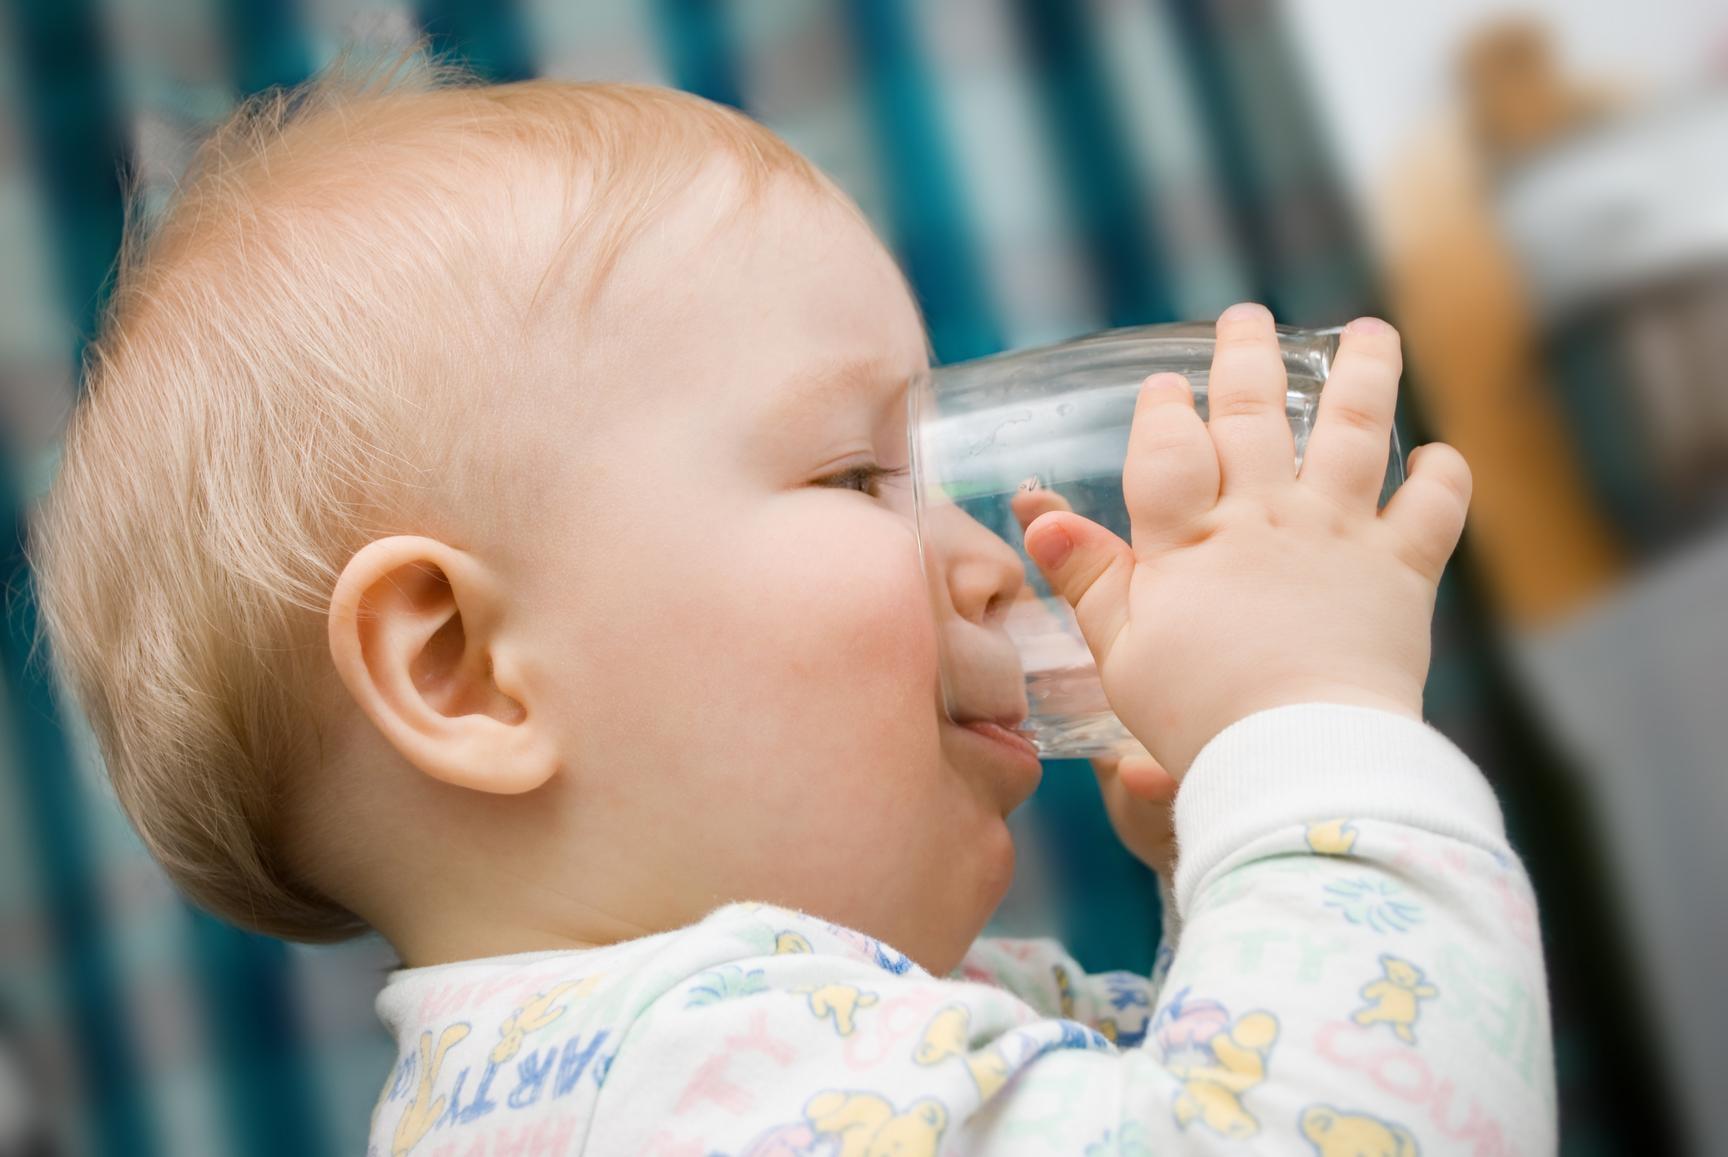 Лечение муколитиками  бронхитов у детей до 3 лет